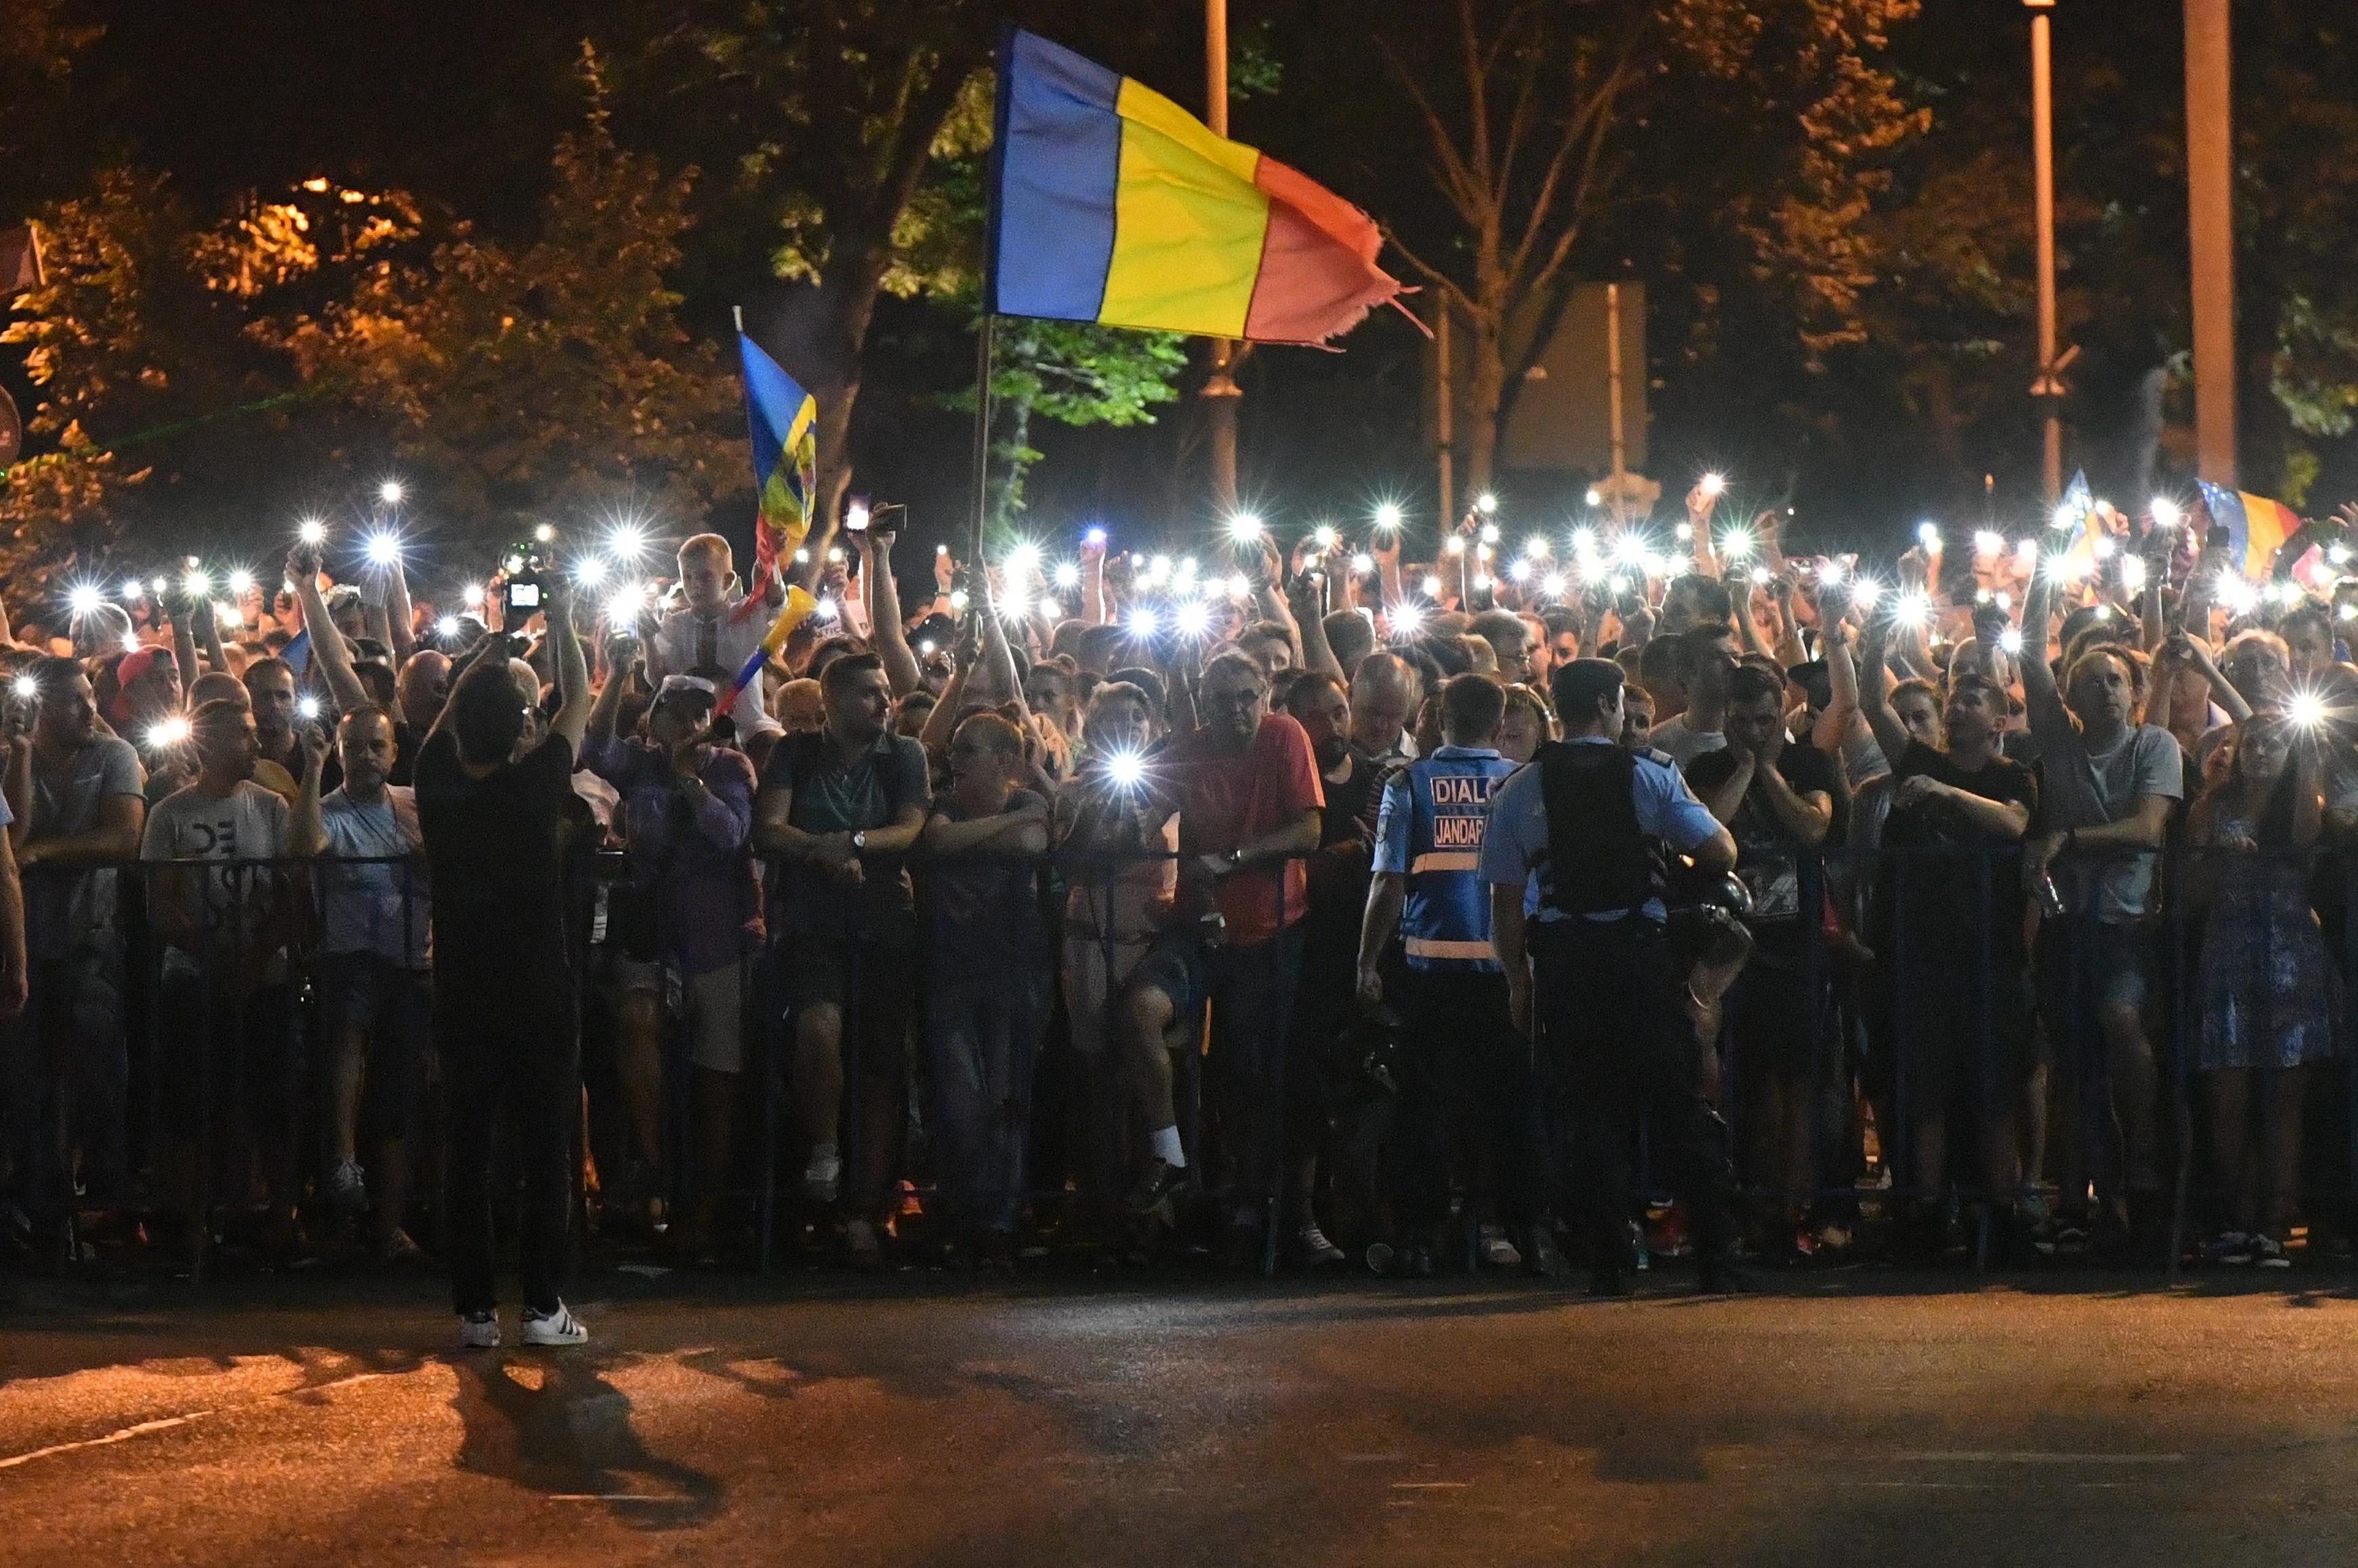 Majdnem 200 tüntető emelt panaszt a bukaresti csendőrség brutális tömegoszlatása miatt